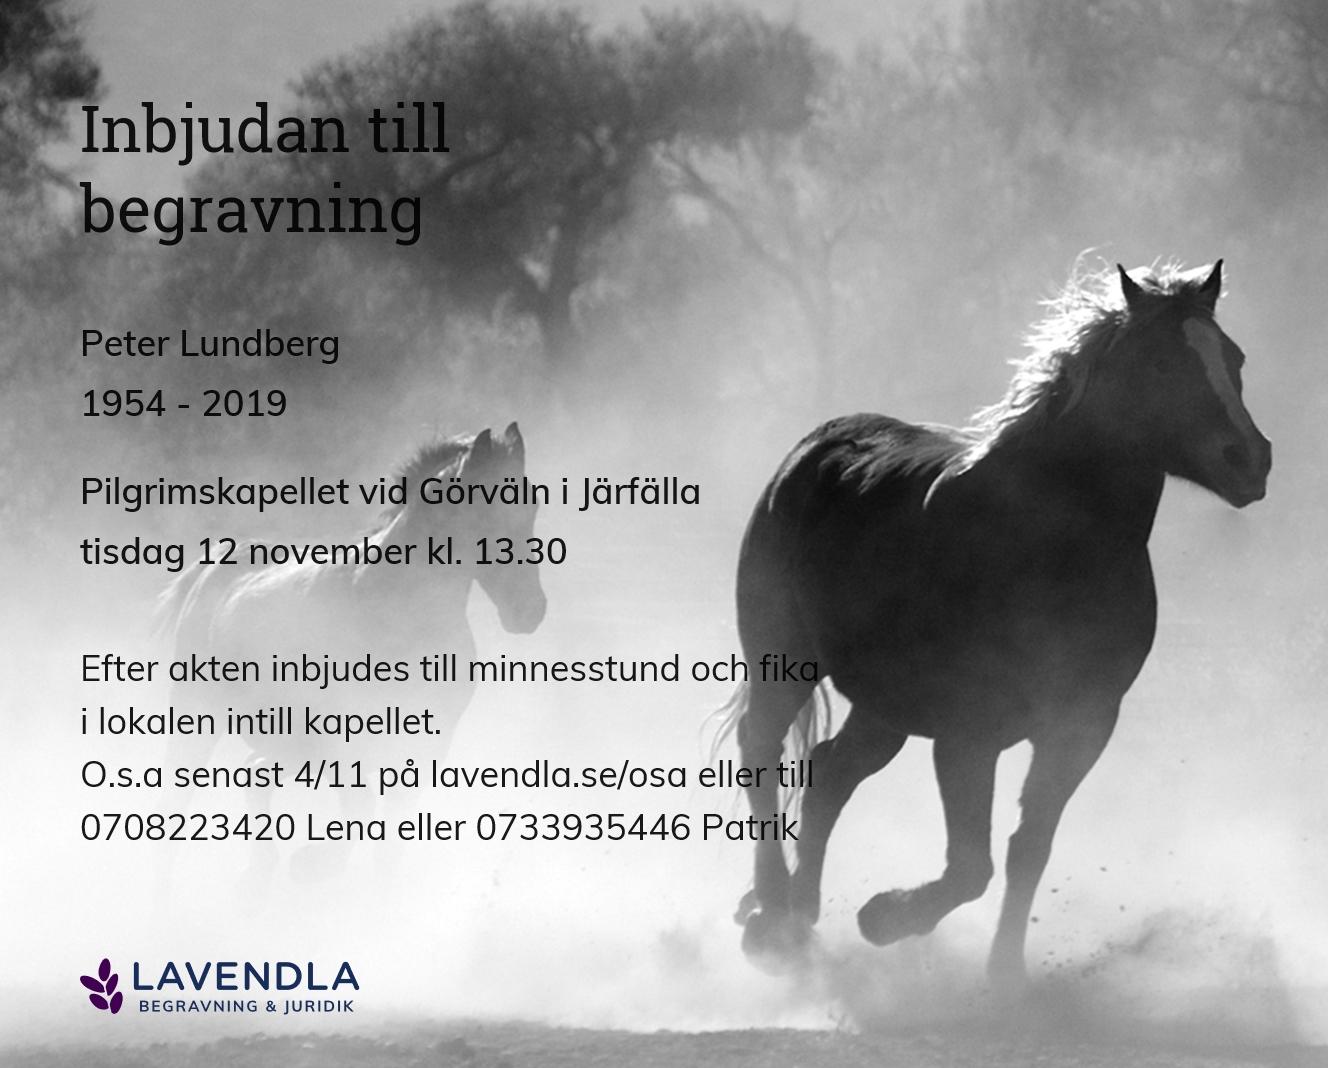 Inbjudningskort till ceremonin för Peter Lundberg